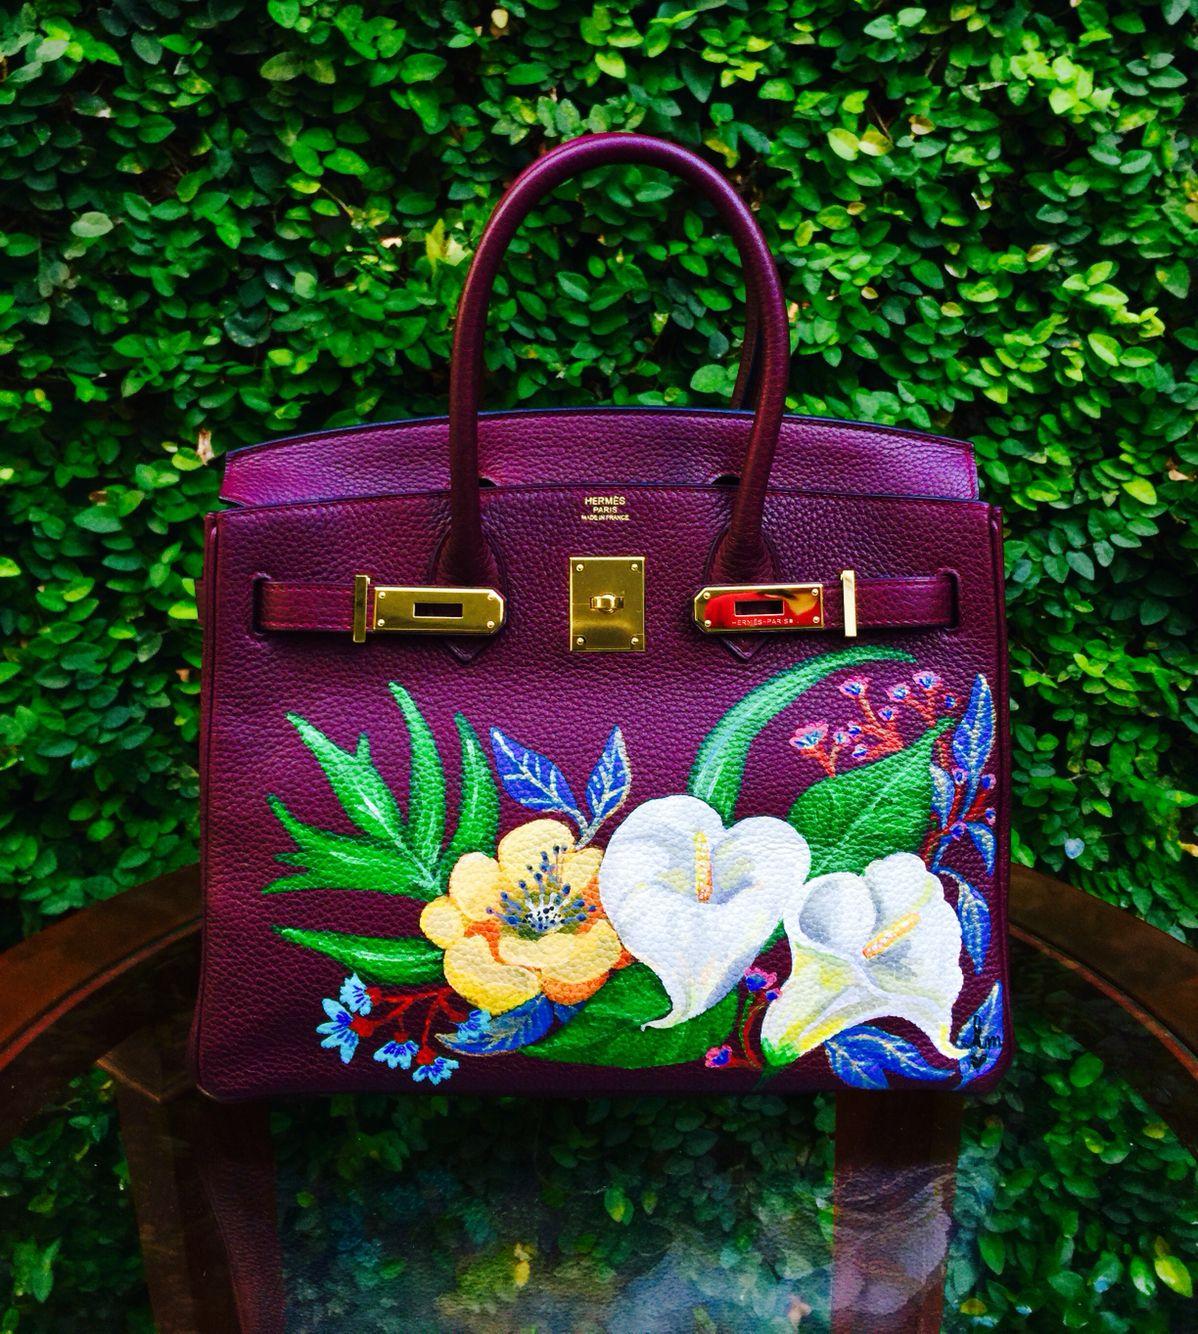 54553141d432 Hand painted Hermes birkin by artist love Marie aka heart evangelista 35 cm  purple bag is  16